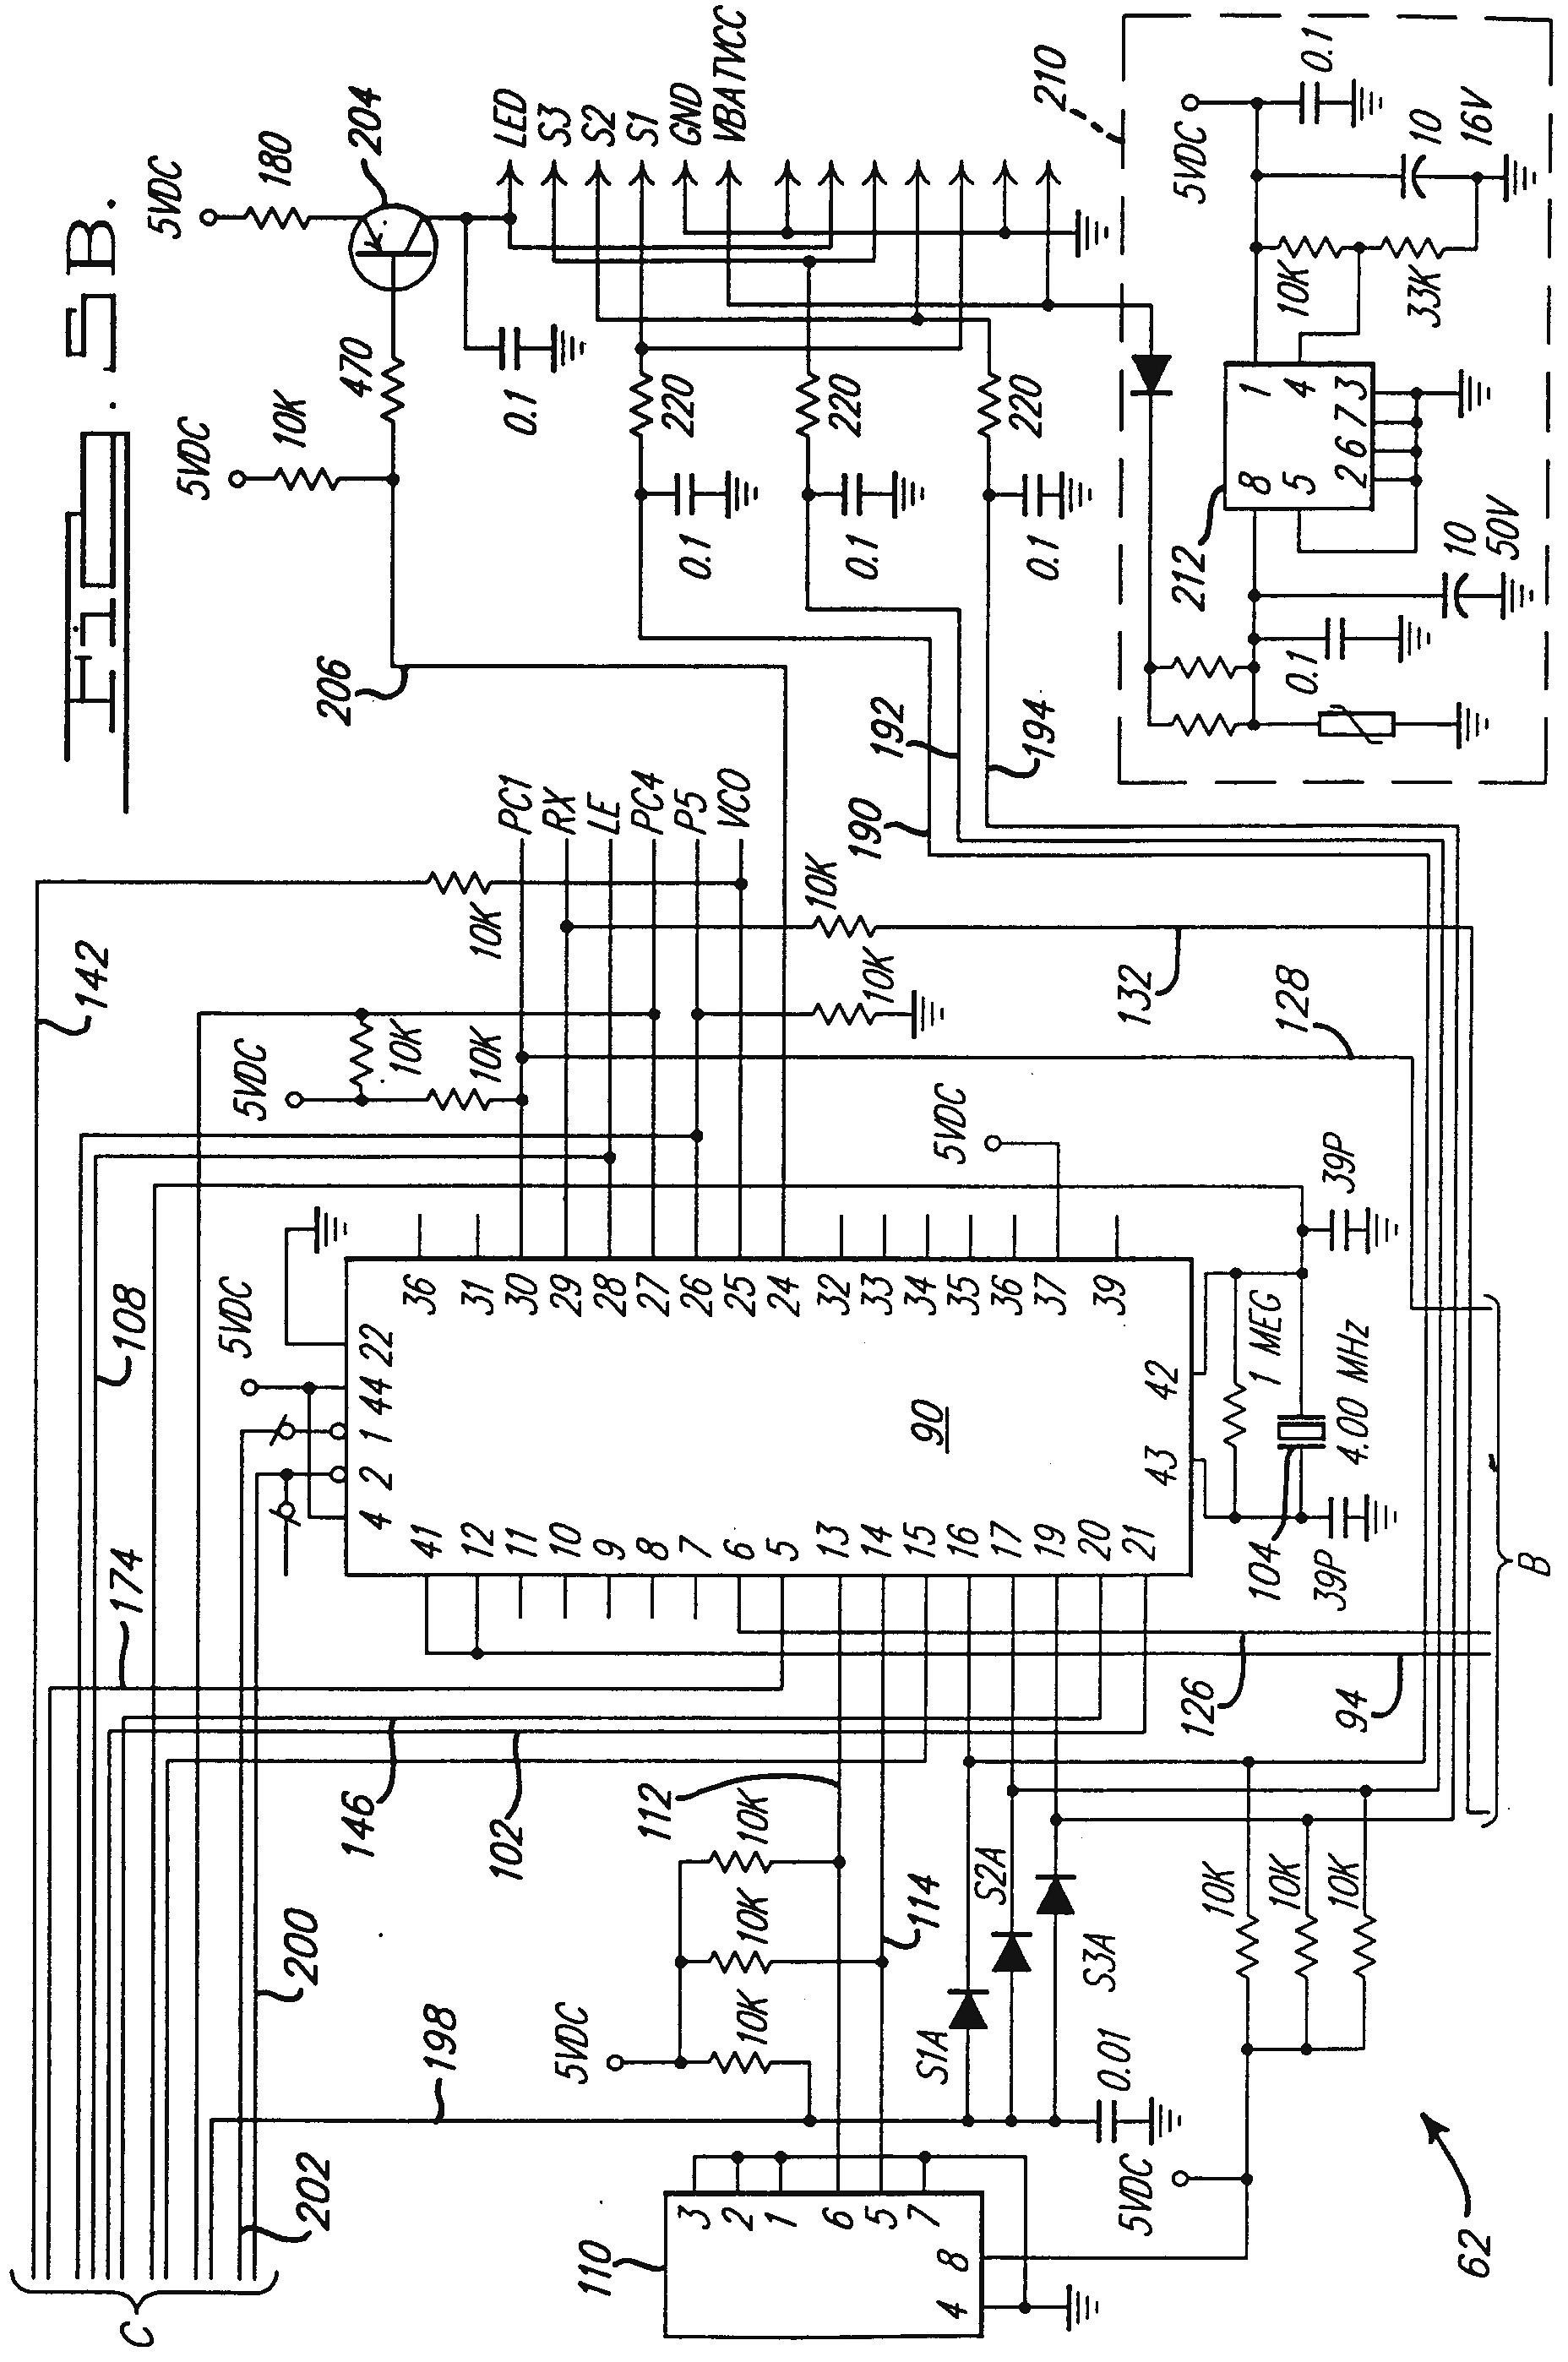 Estate Garage Door Opener Wiring Diagram | Wiring Diagram - Genie Garage Door Opener Wiring Diagram